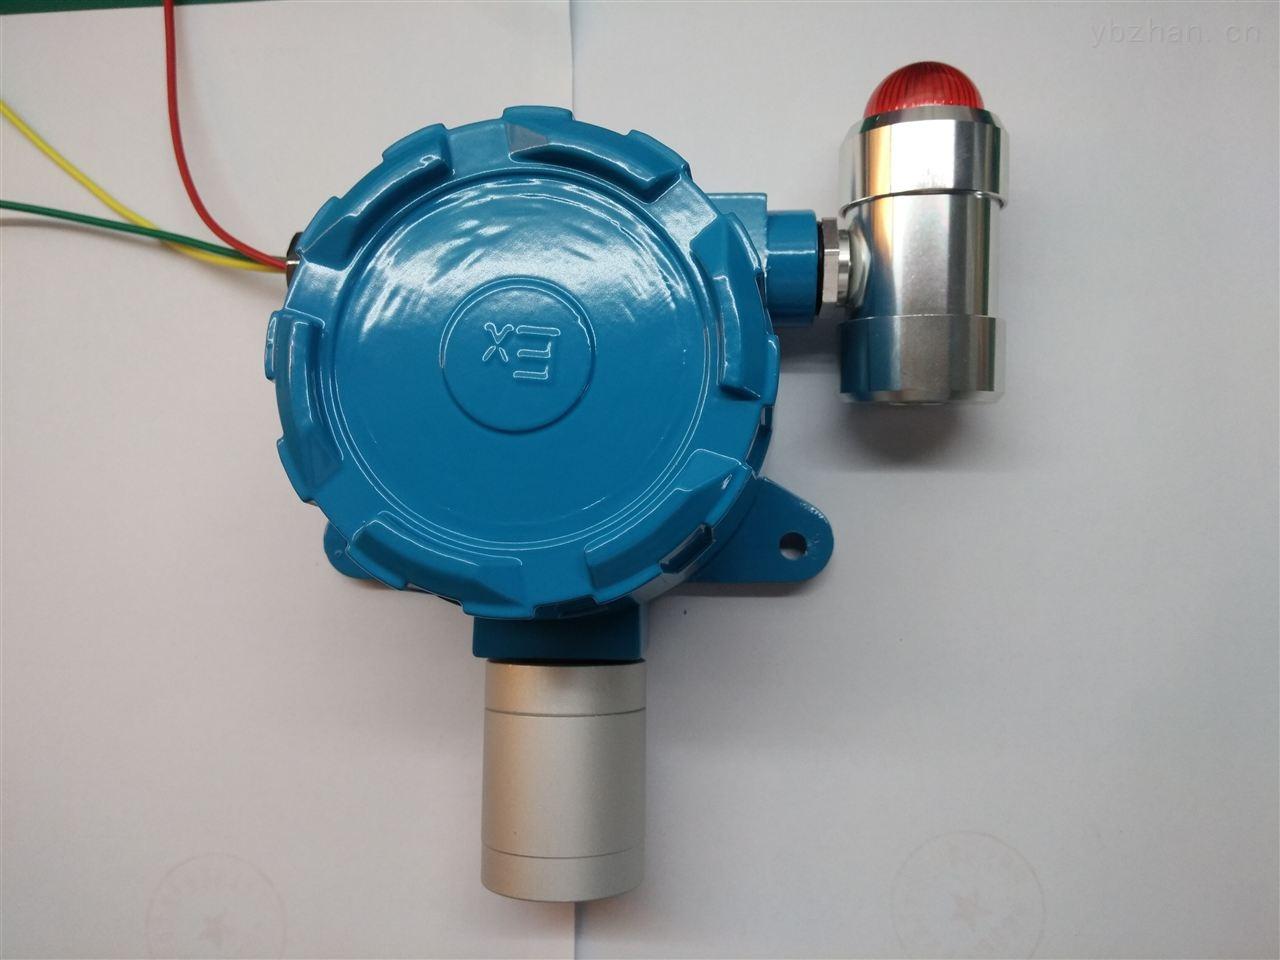 HRP-T1000-爆款汇瑞埔液晶显示甲醛气体报警仪直销